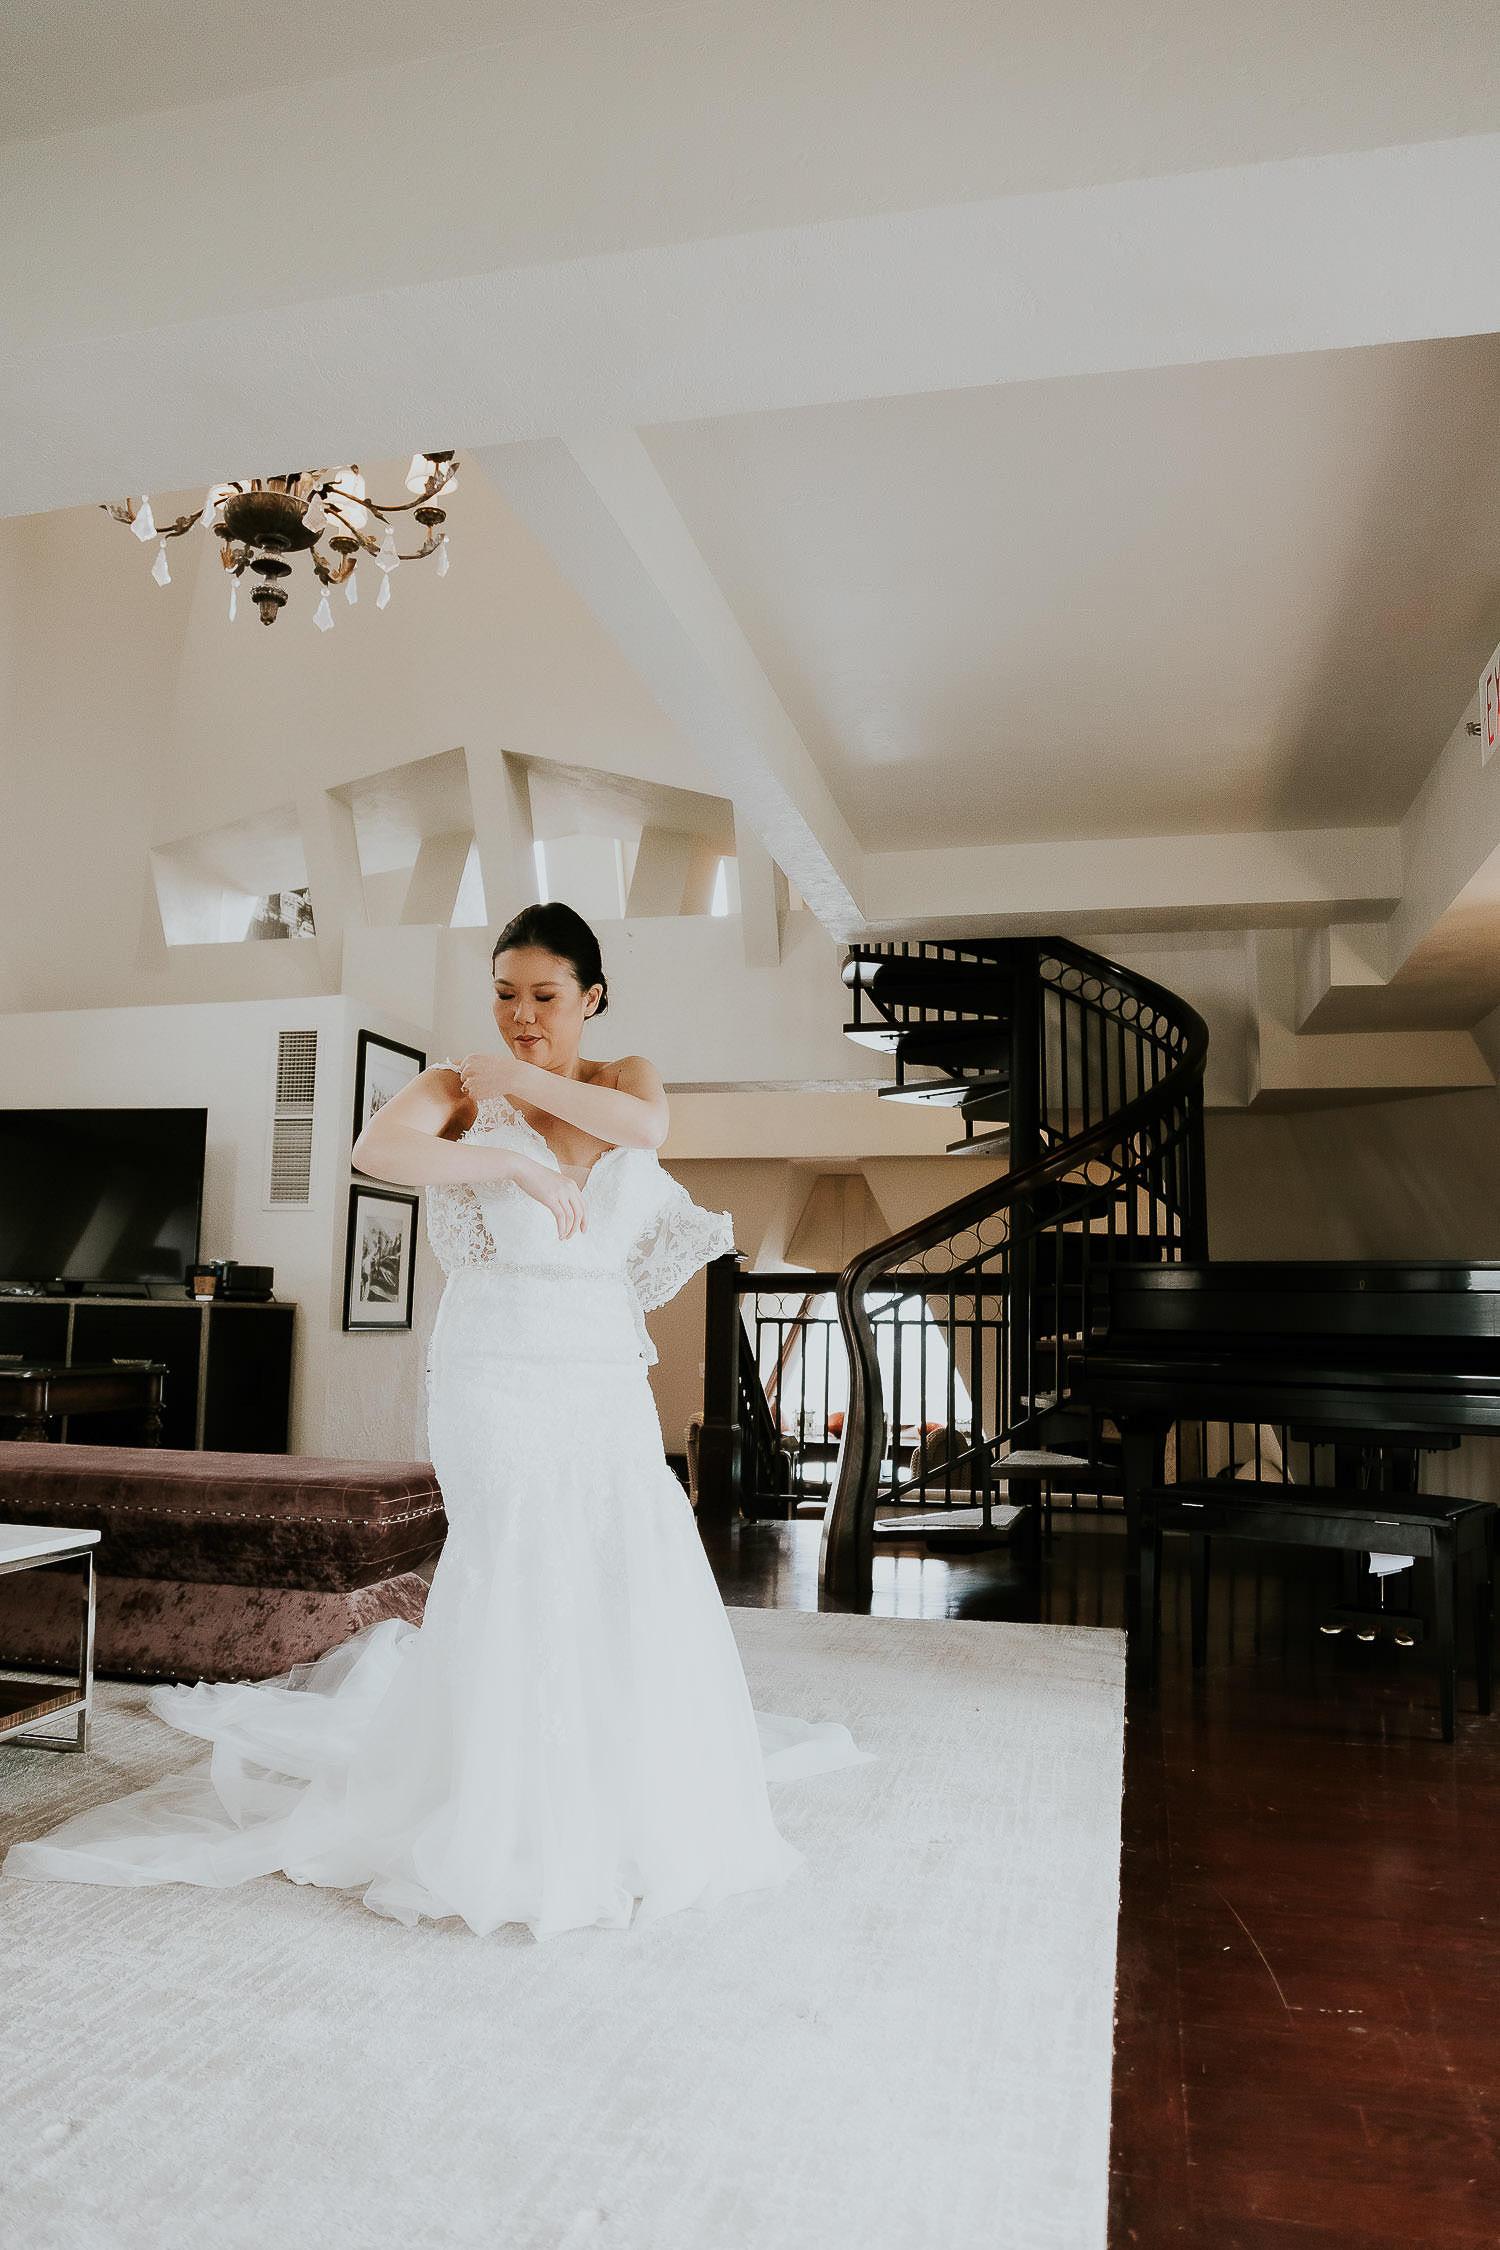 intimate-wedding-at-banff-springs-hotel-sarah-pukin-0027